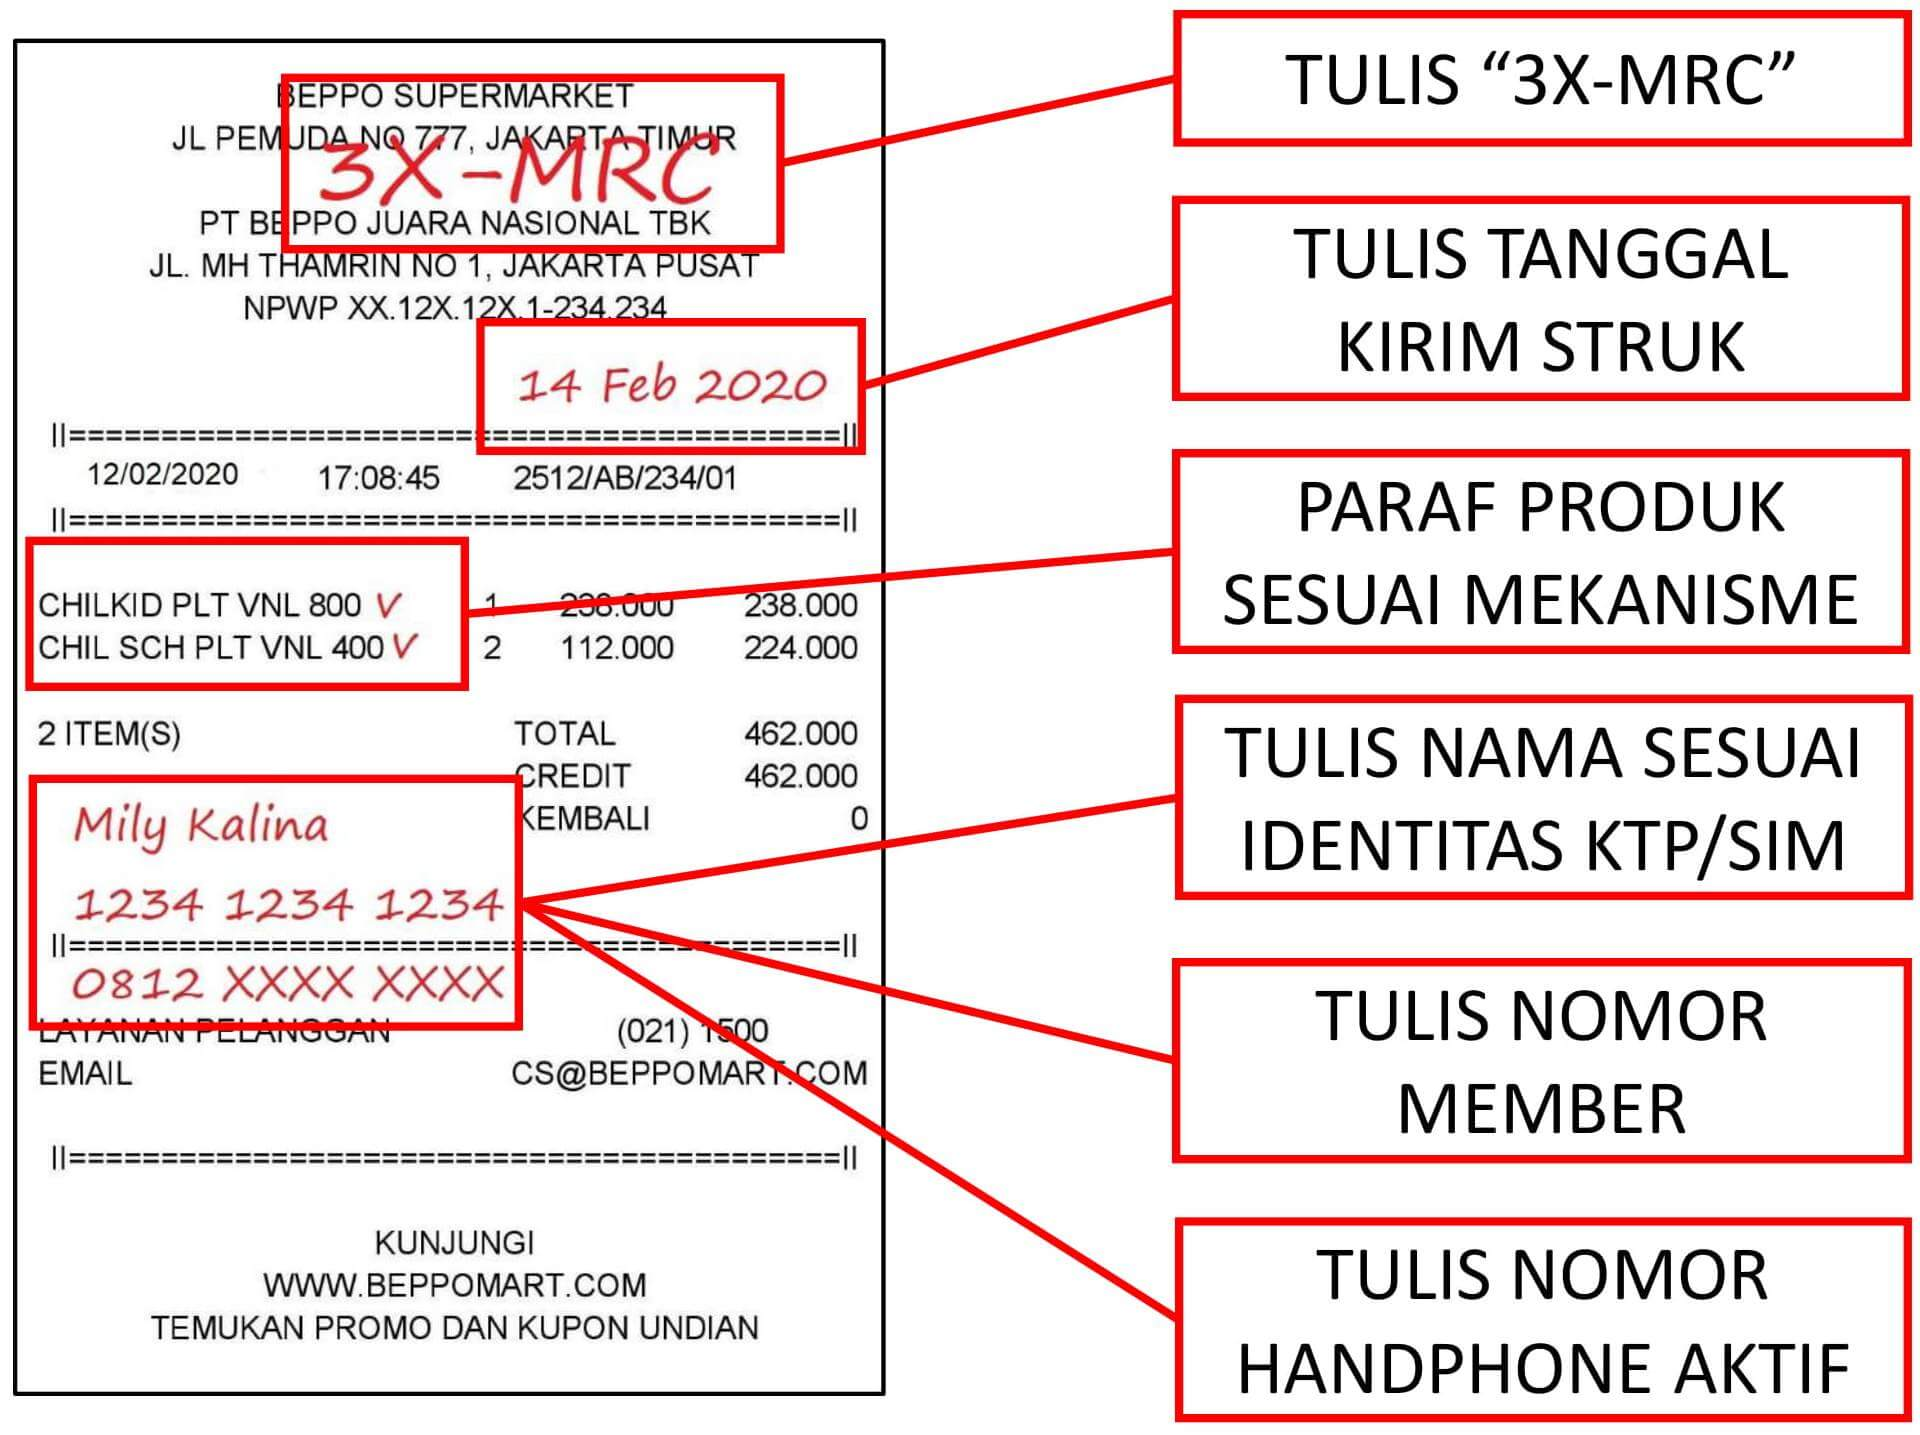 MRC 3X 04022020 Keterangan(1)